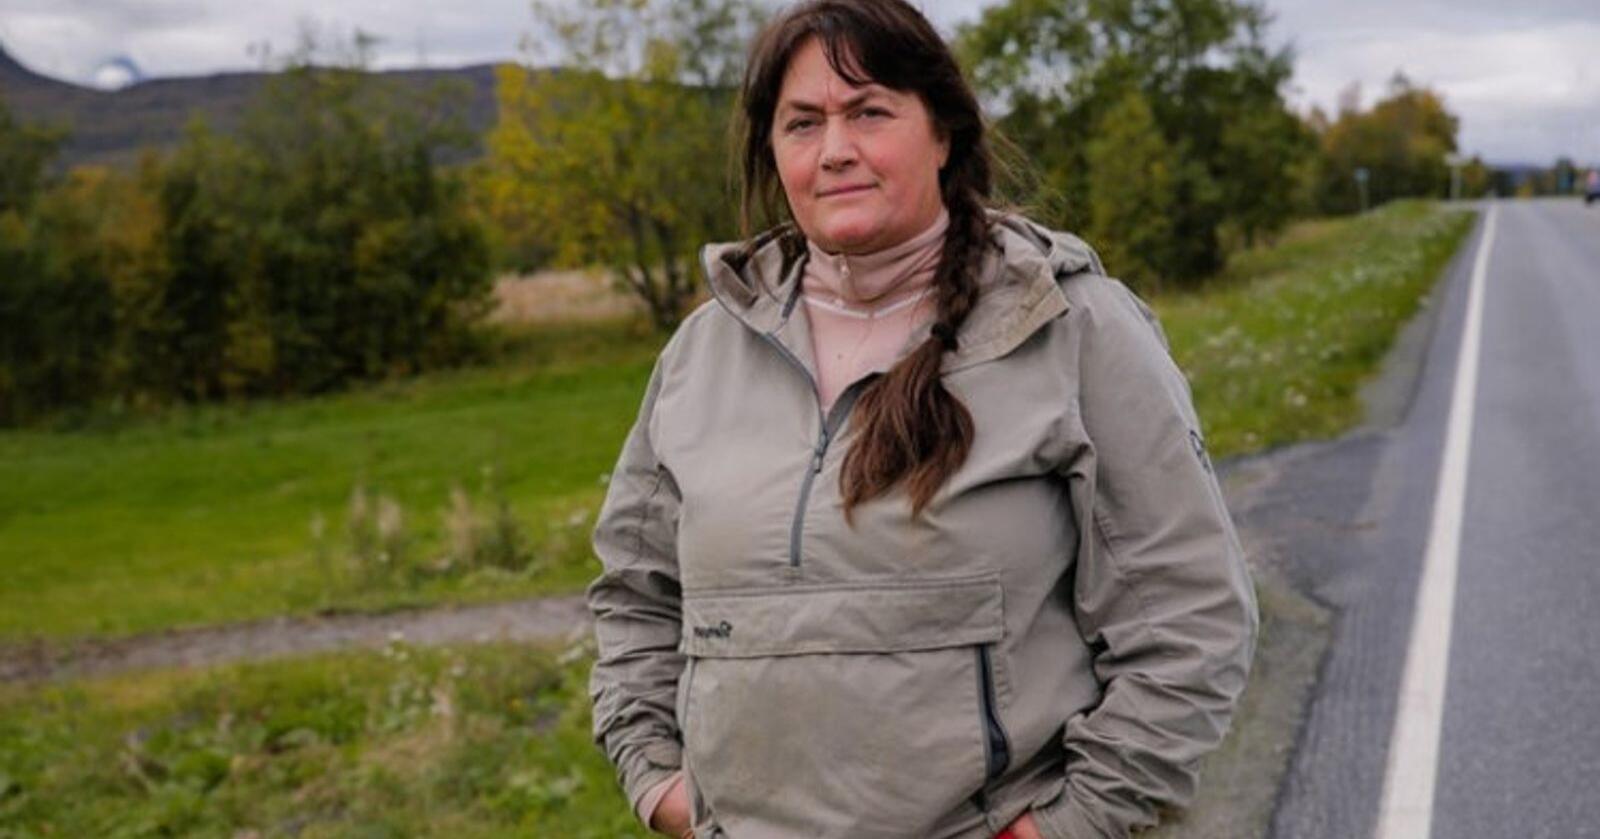 Enke: Ann Kristin Mortensen er ikke i tvil om at setebeltet ville ha reddet livet til mannen Wiggo, som omkom i en traktorvelt i denne avkjørselen i Målselv. (Foto: Trond Høines/Spoon)